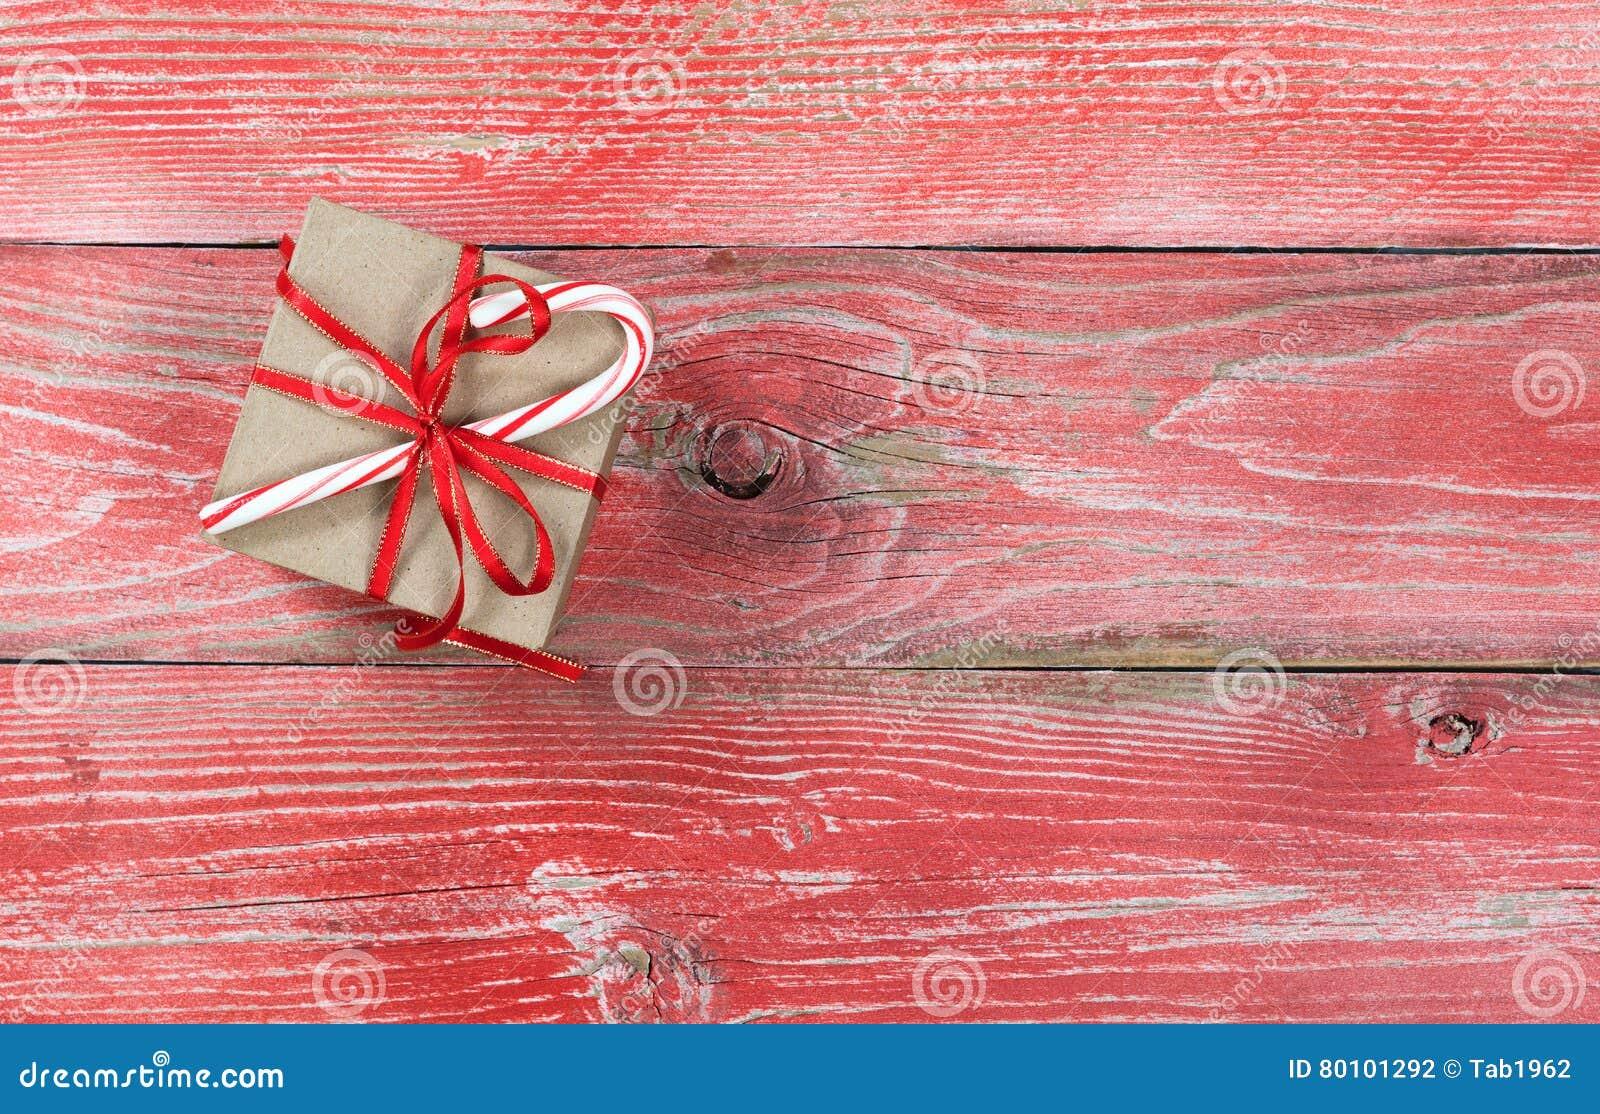 Caixa de presente de época natalícia com o bastão de doces em placas de madeira vermelhas rústicas